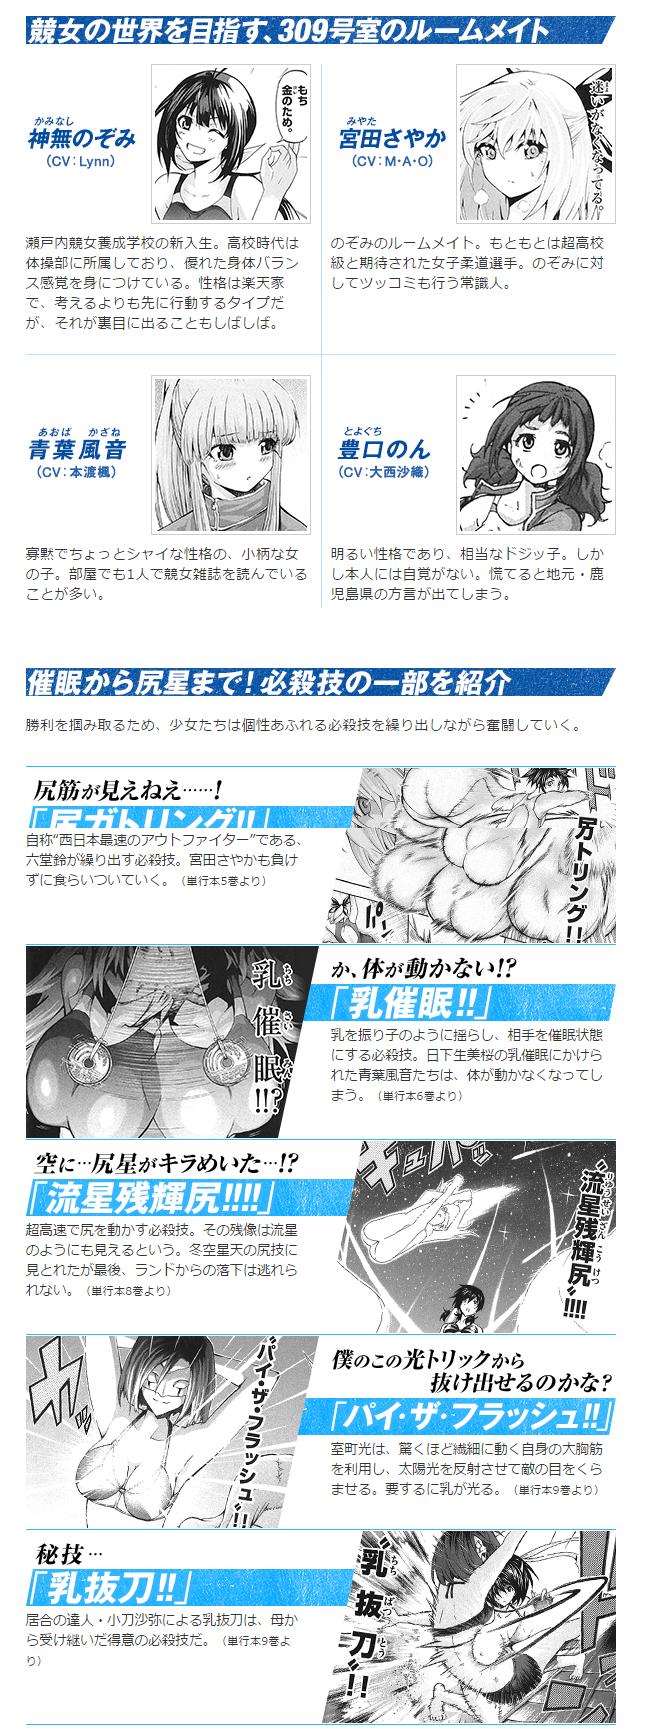 コミックナタリー 特集・インタビュー